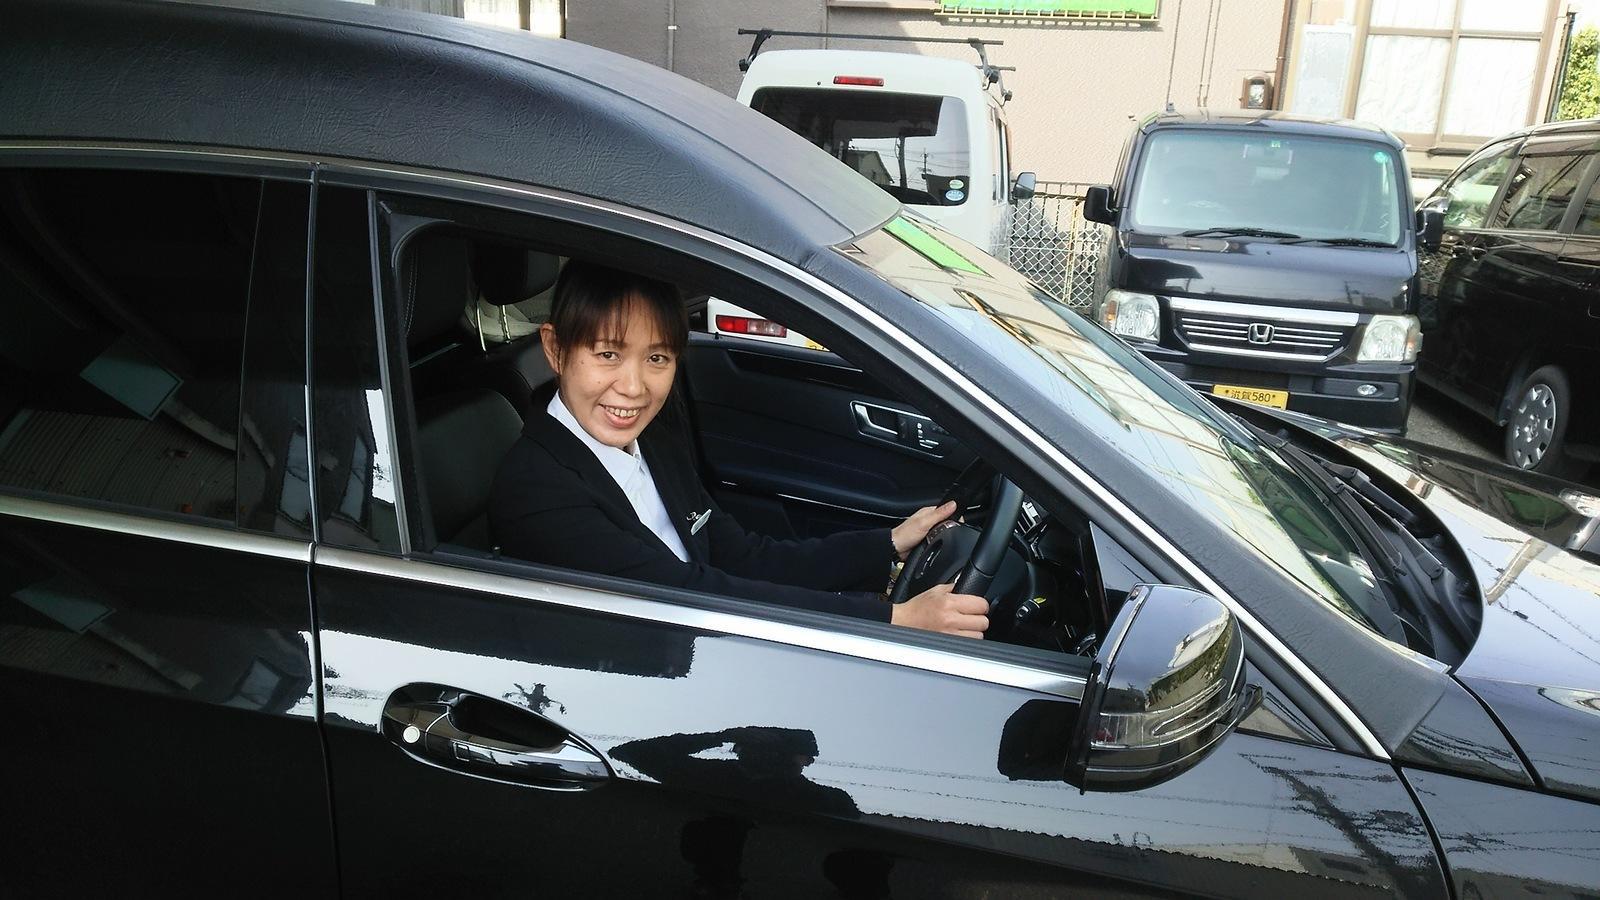 【ドライバー】入社後に社員も◎勤務時間は約3時間。副業OK!研修後は日払いOK